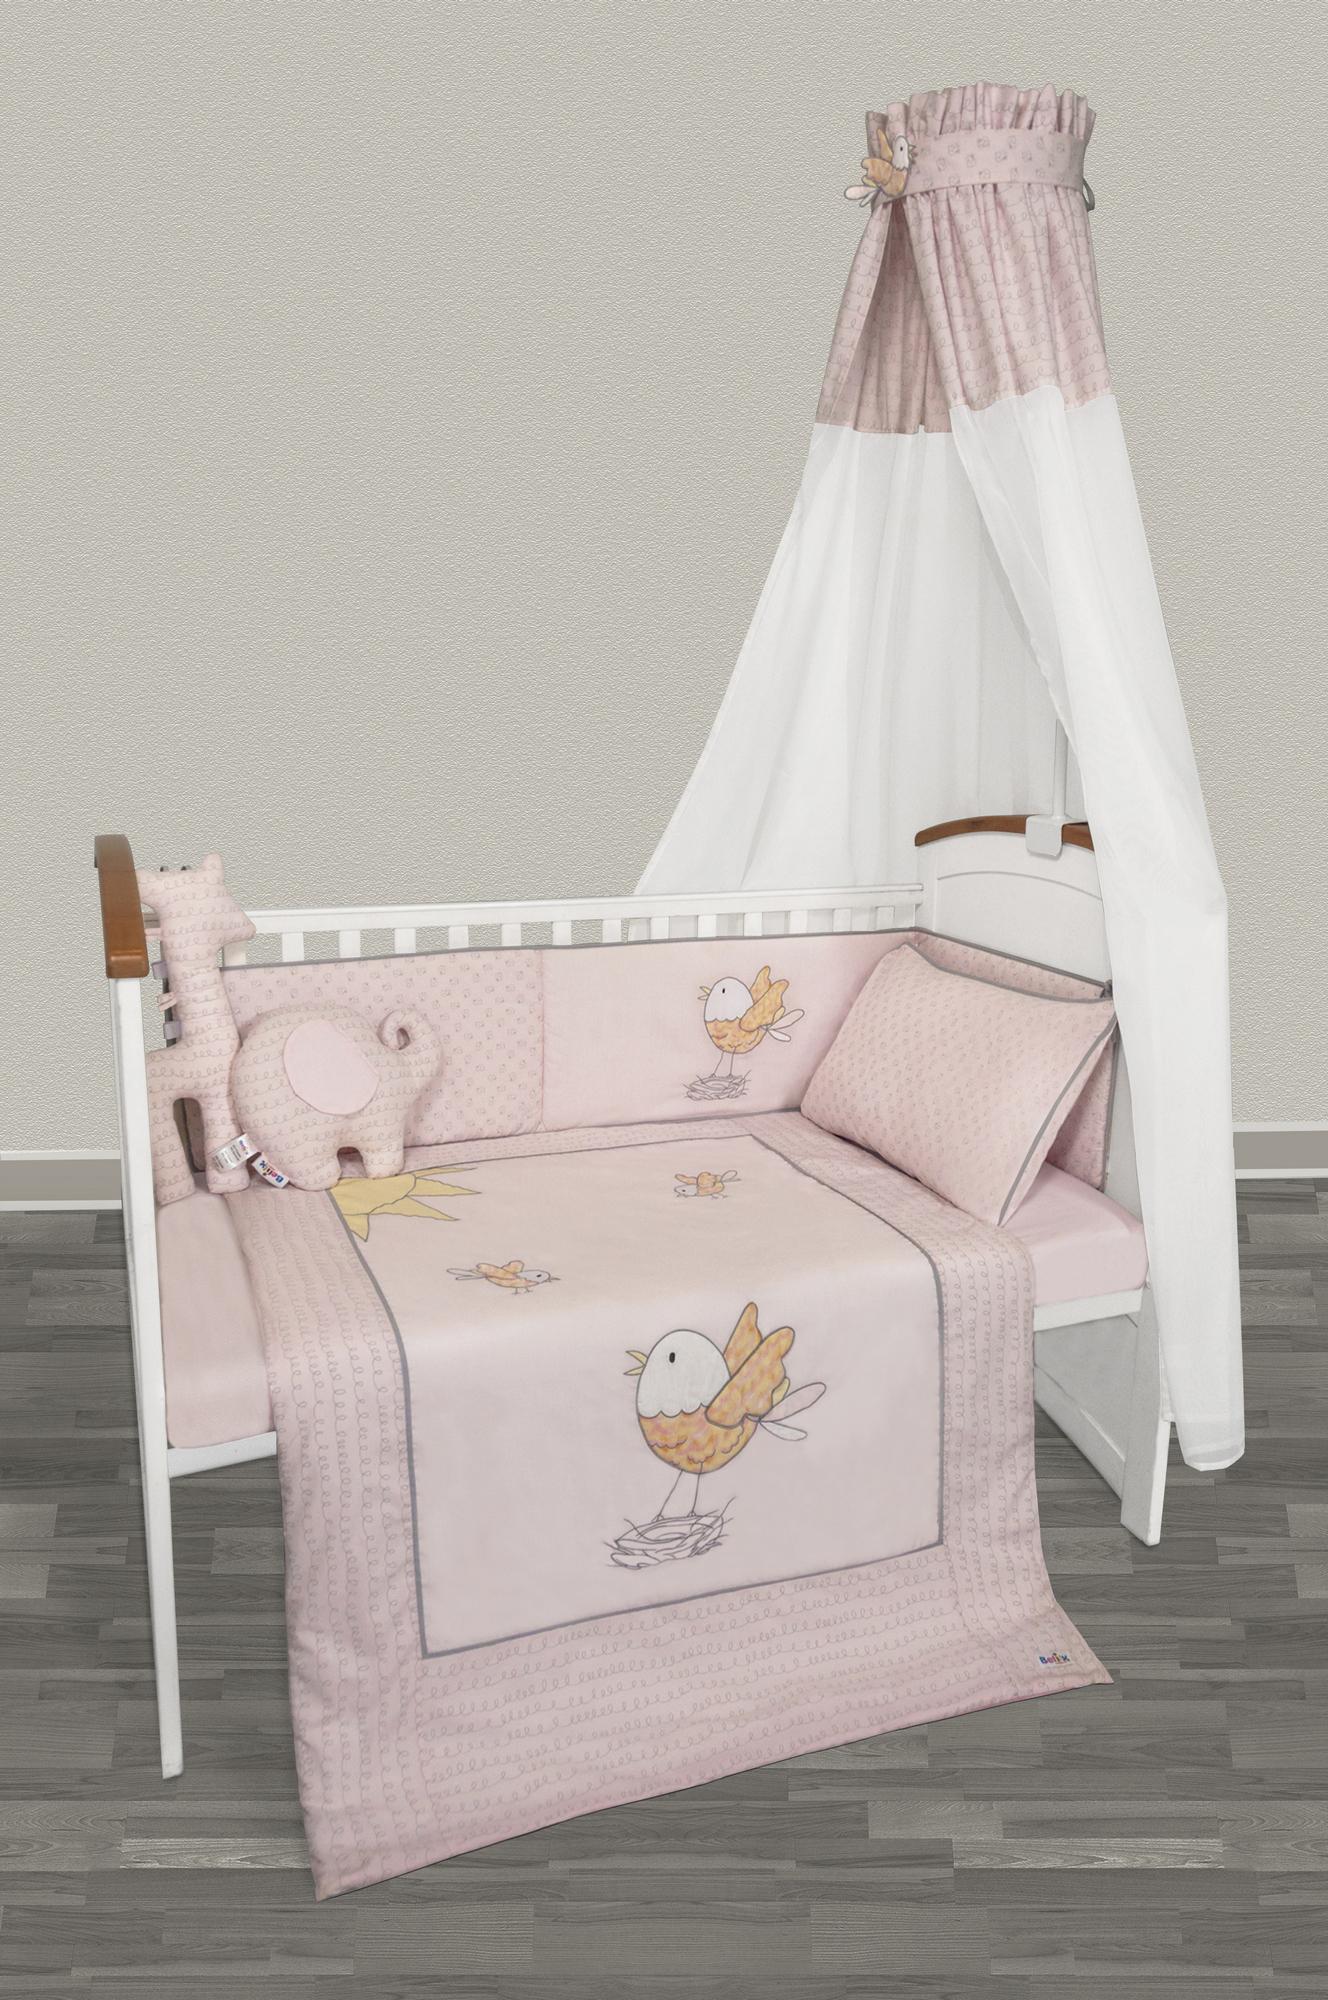 belily lilly baby bettset bettw sche label f r wickeltaschen stillkissen stubenwagen. Black Bedroom Furniture Sets. Home Design Ideas